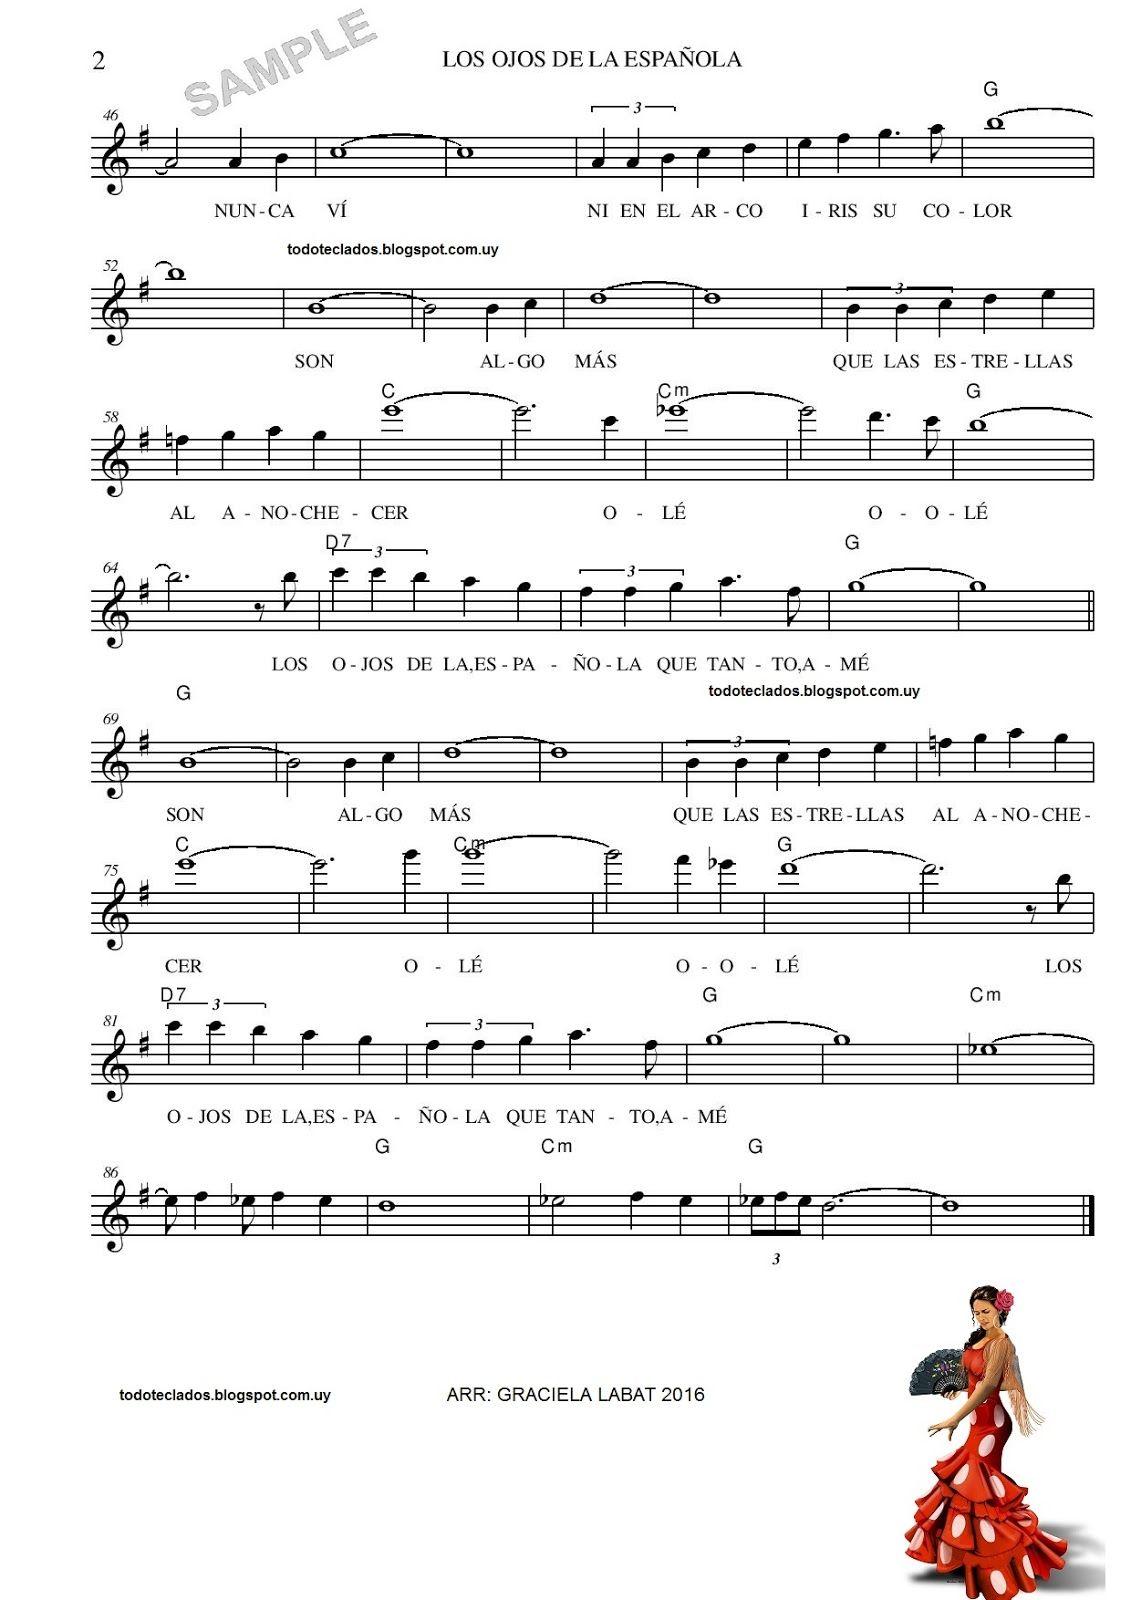 Los Ojos De La Española Bert Kaempfert Partituras Letras Y Acordes Piano Partituras